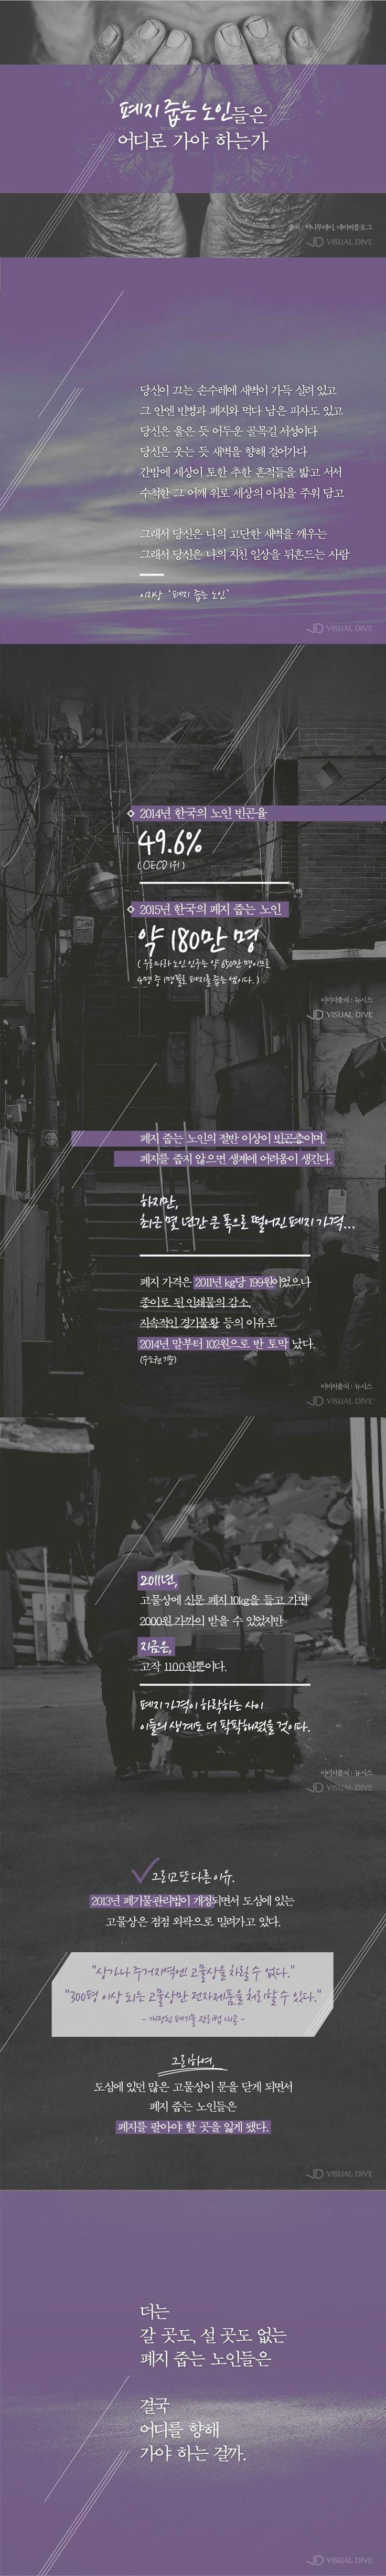 폐지·고물 가격 하락… 폐지 줍는 노인들, '생계 막막' [인포그래픽] #OldMan / #infograhpic ⓒ 비주얼다이브 무단 복사·전재·재배포 금지